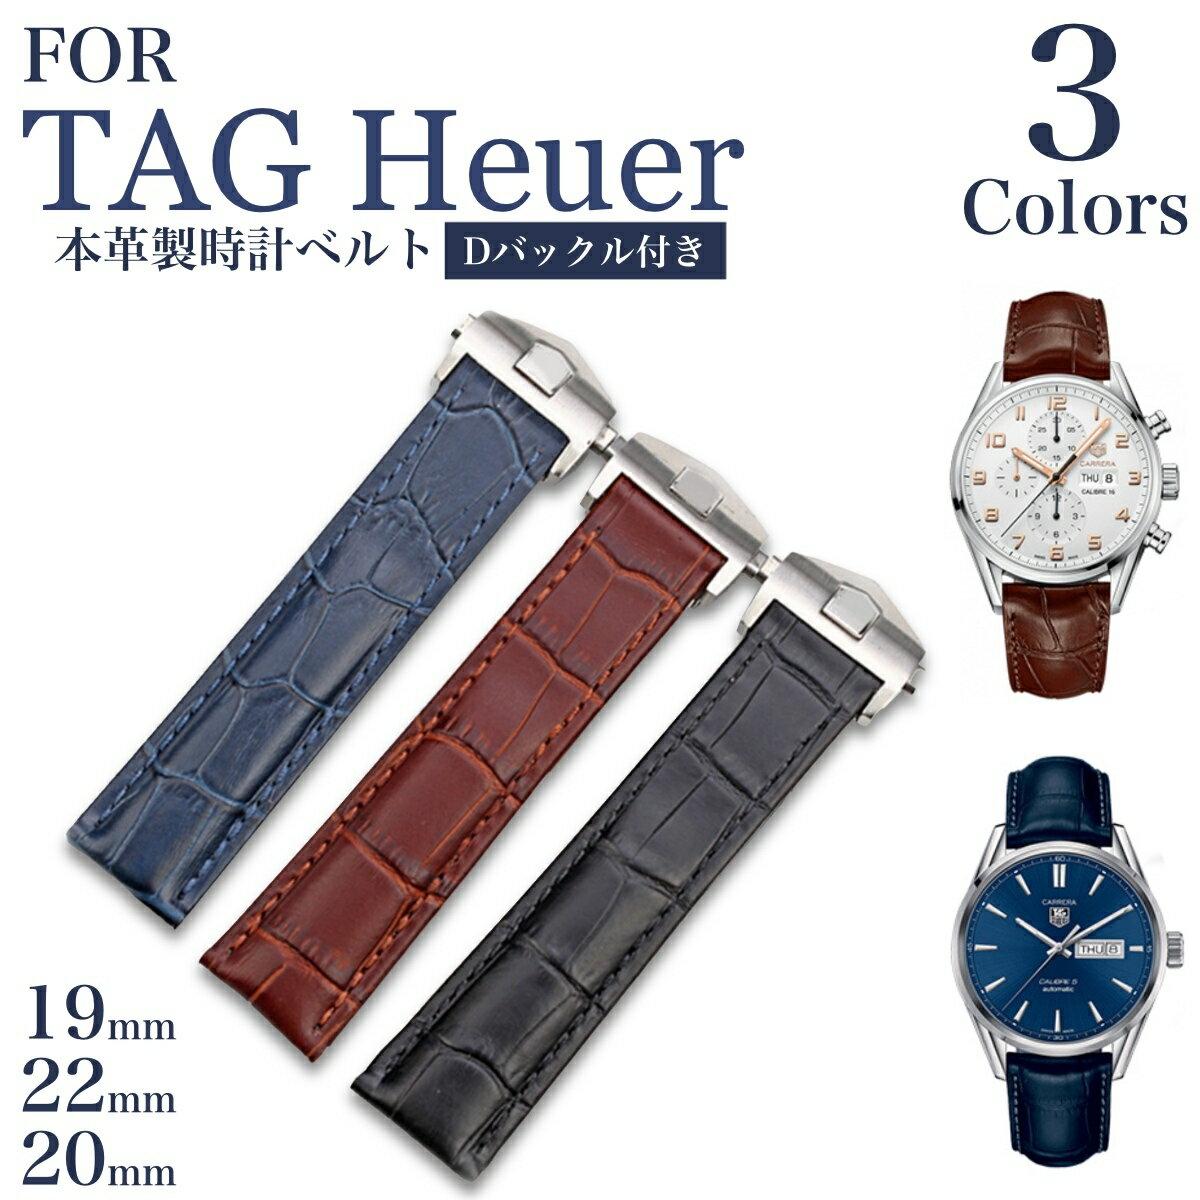 腕時計用アクセサリー, 腕時計用ベルト・バンド  for TAG Heuer D 11Straps